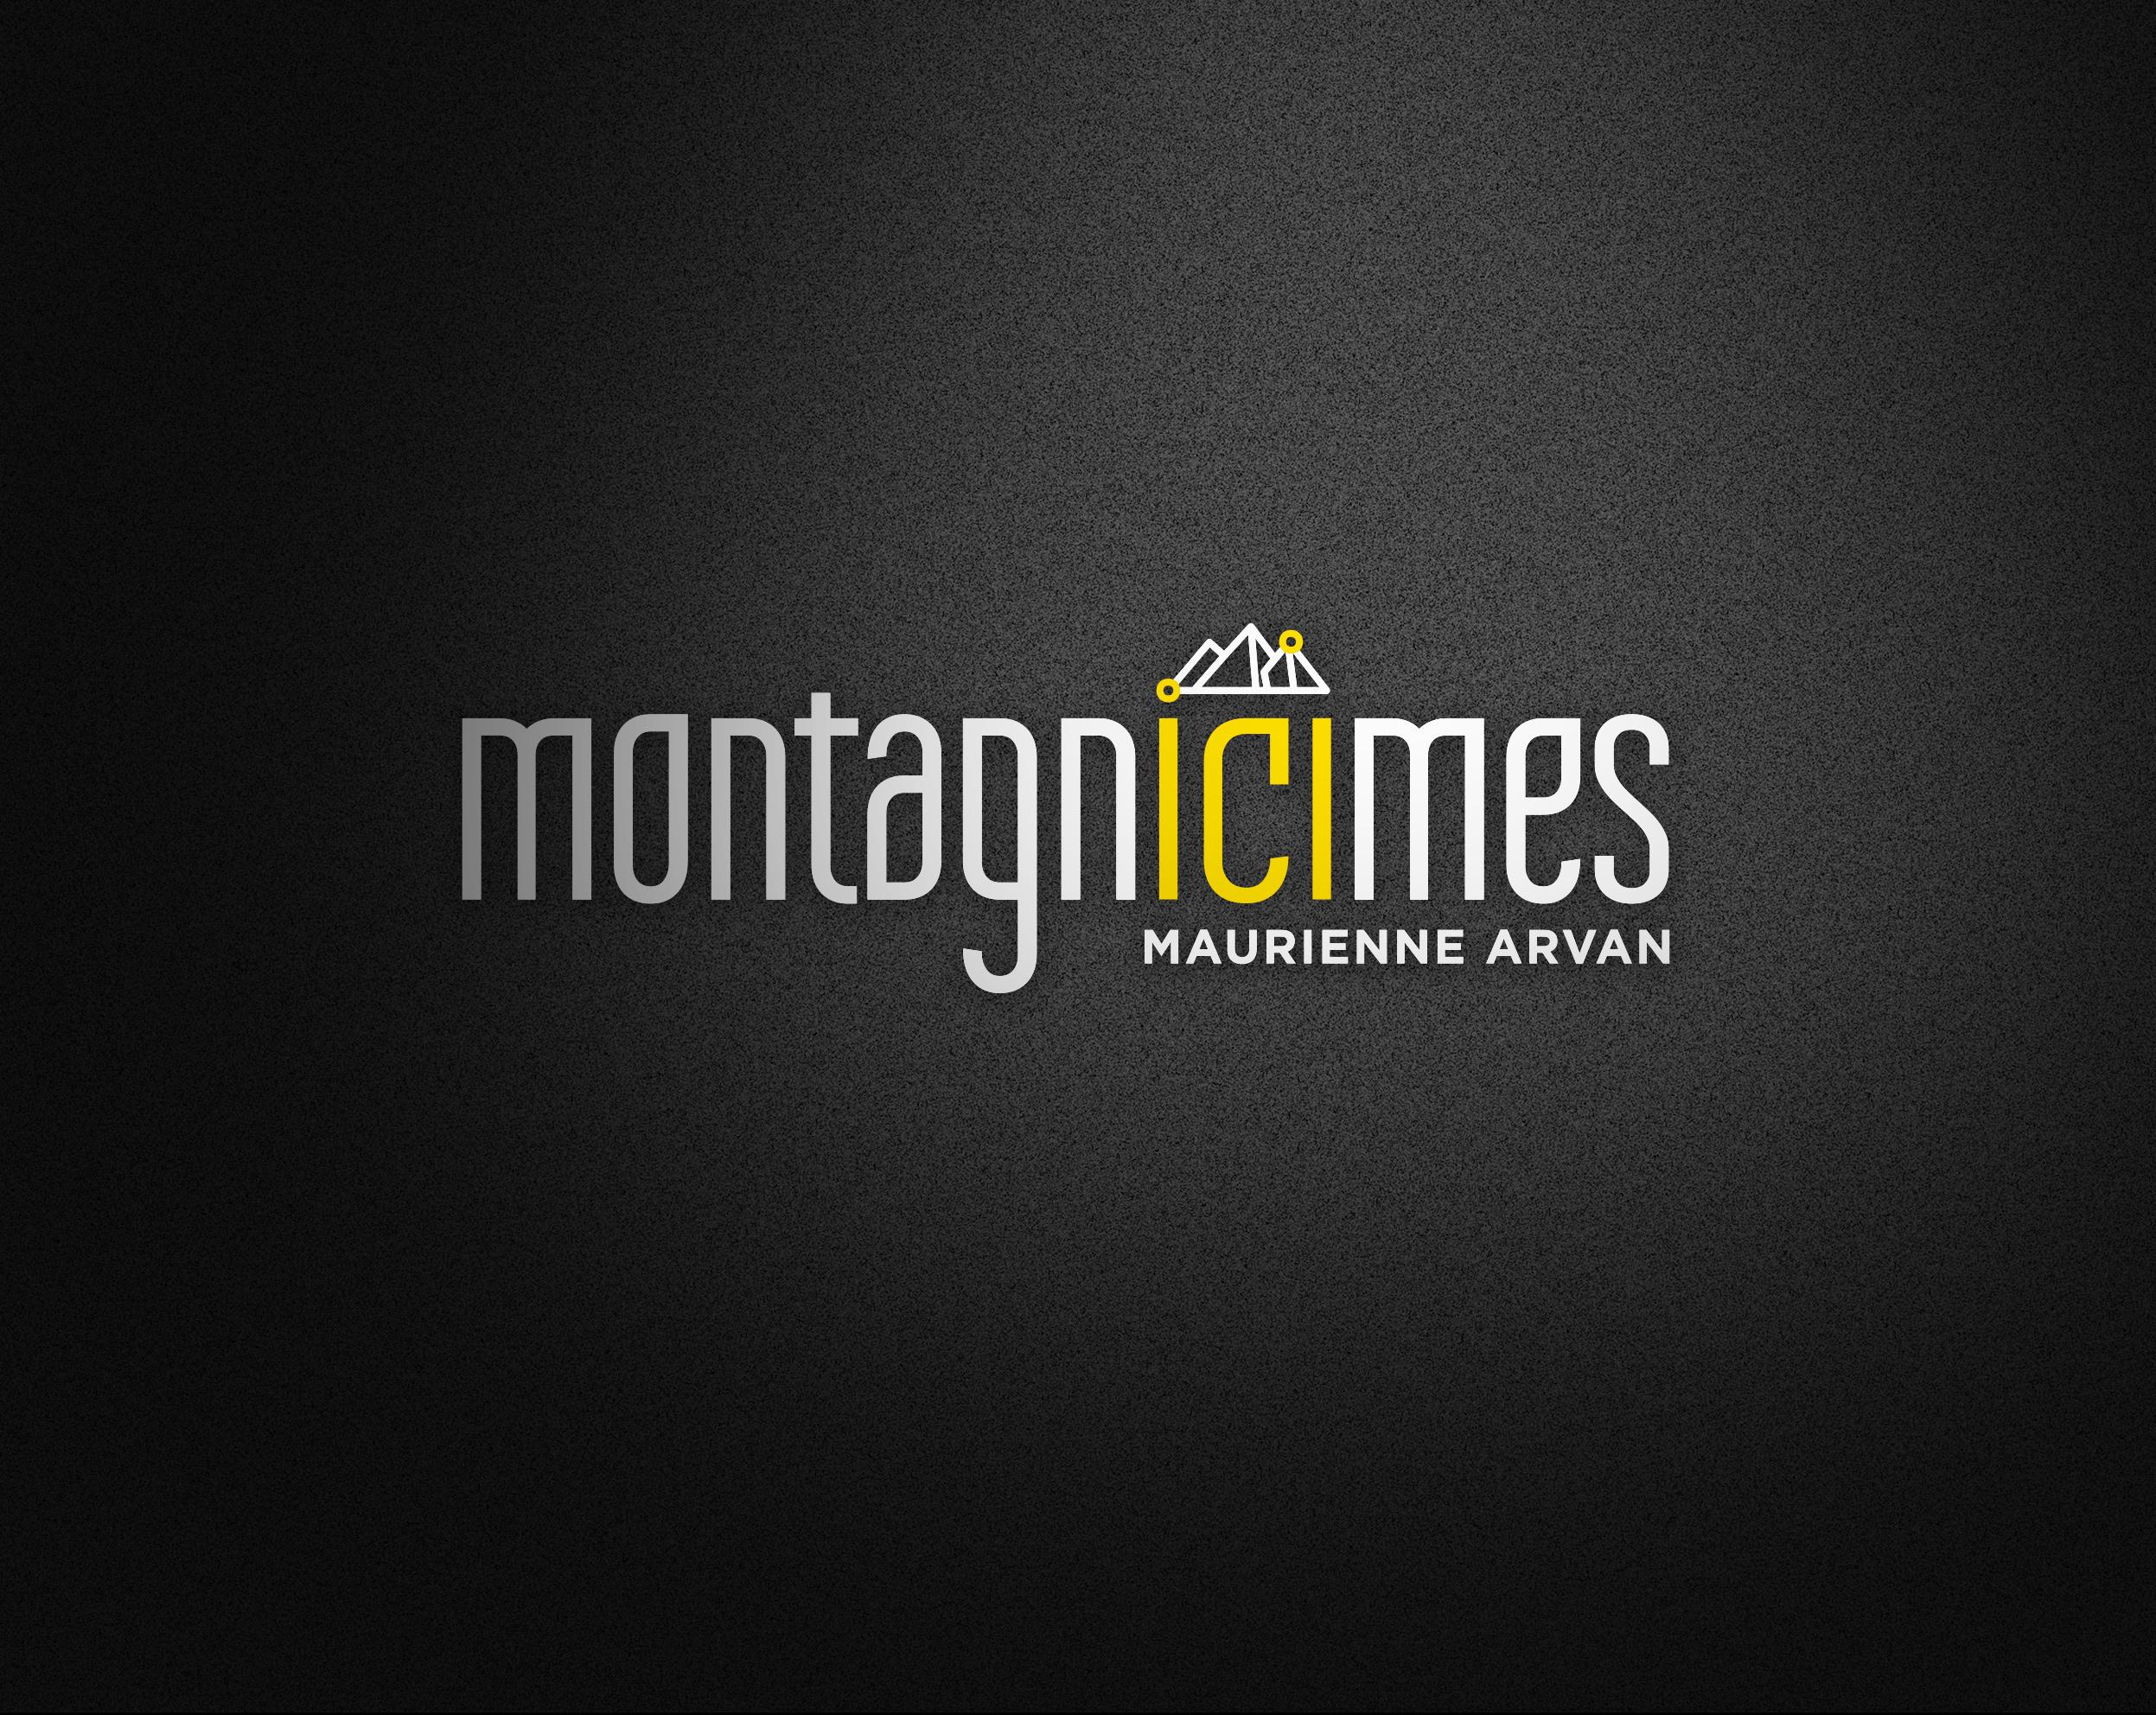 montagnicîmes_1